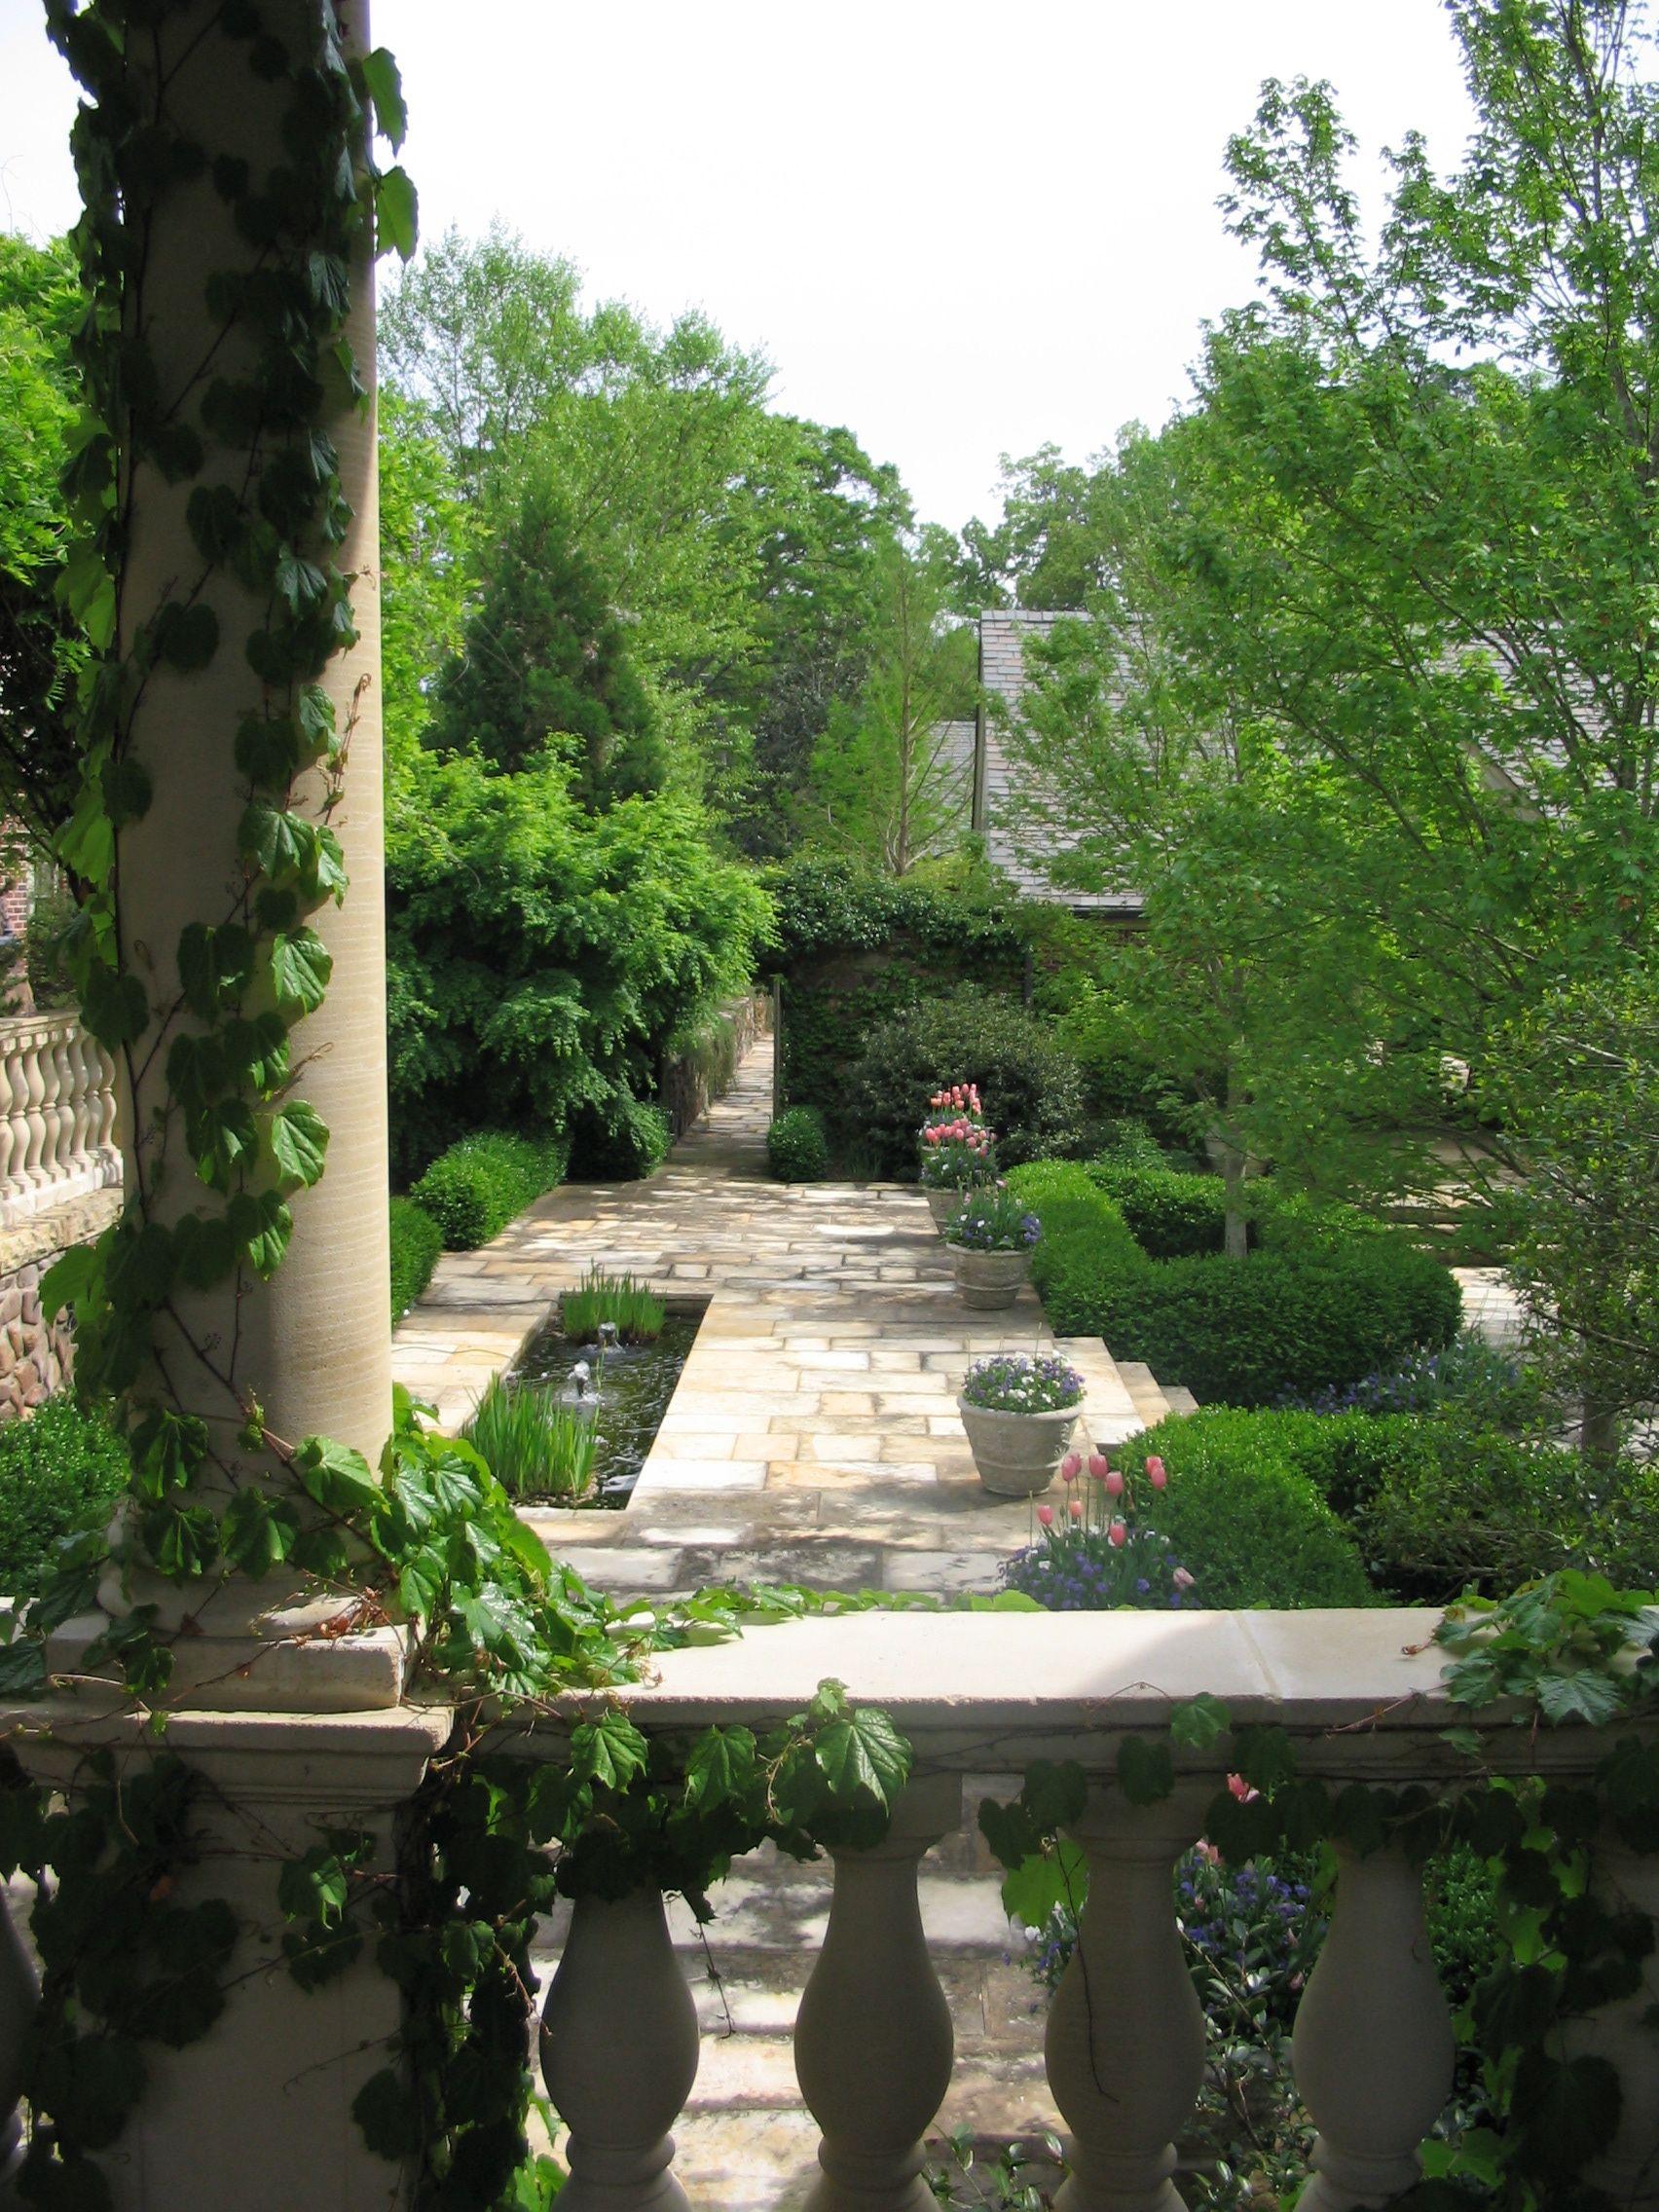 vista from the loggia thru the garden